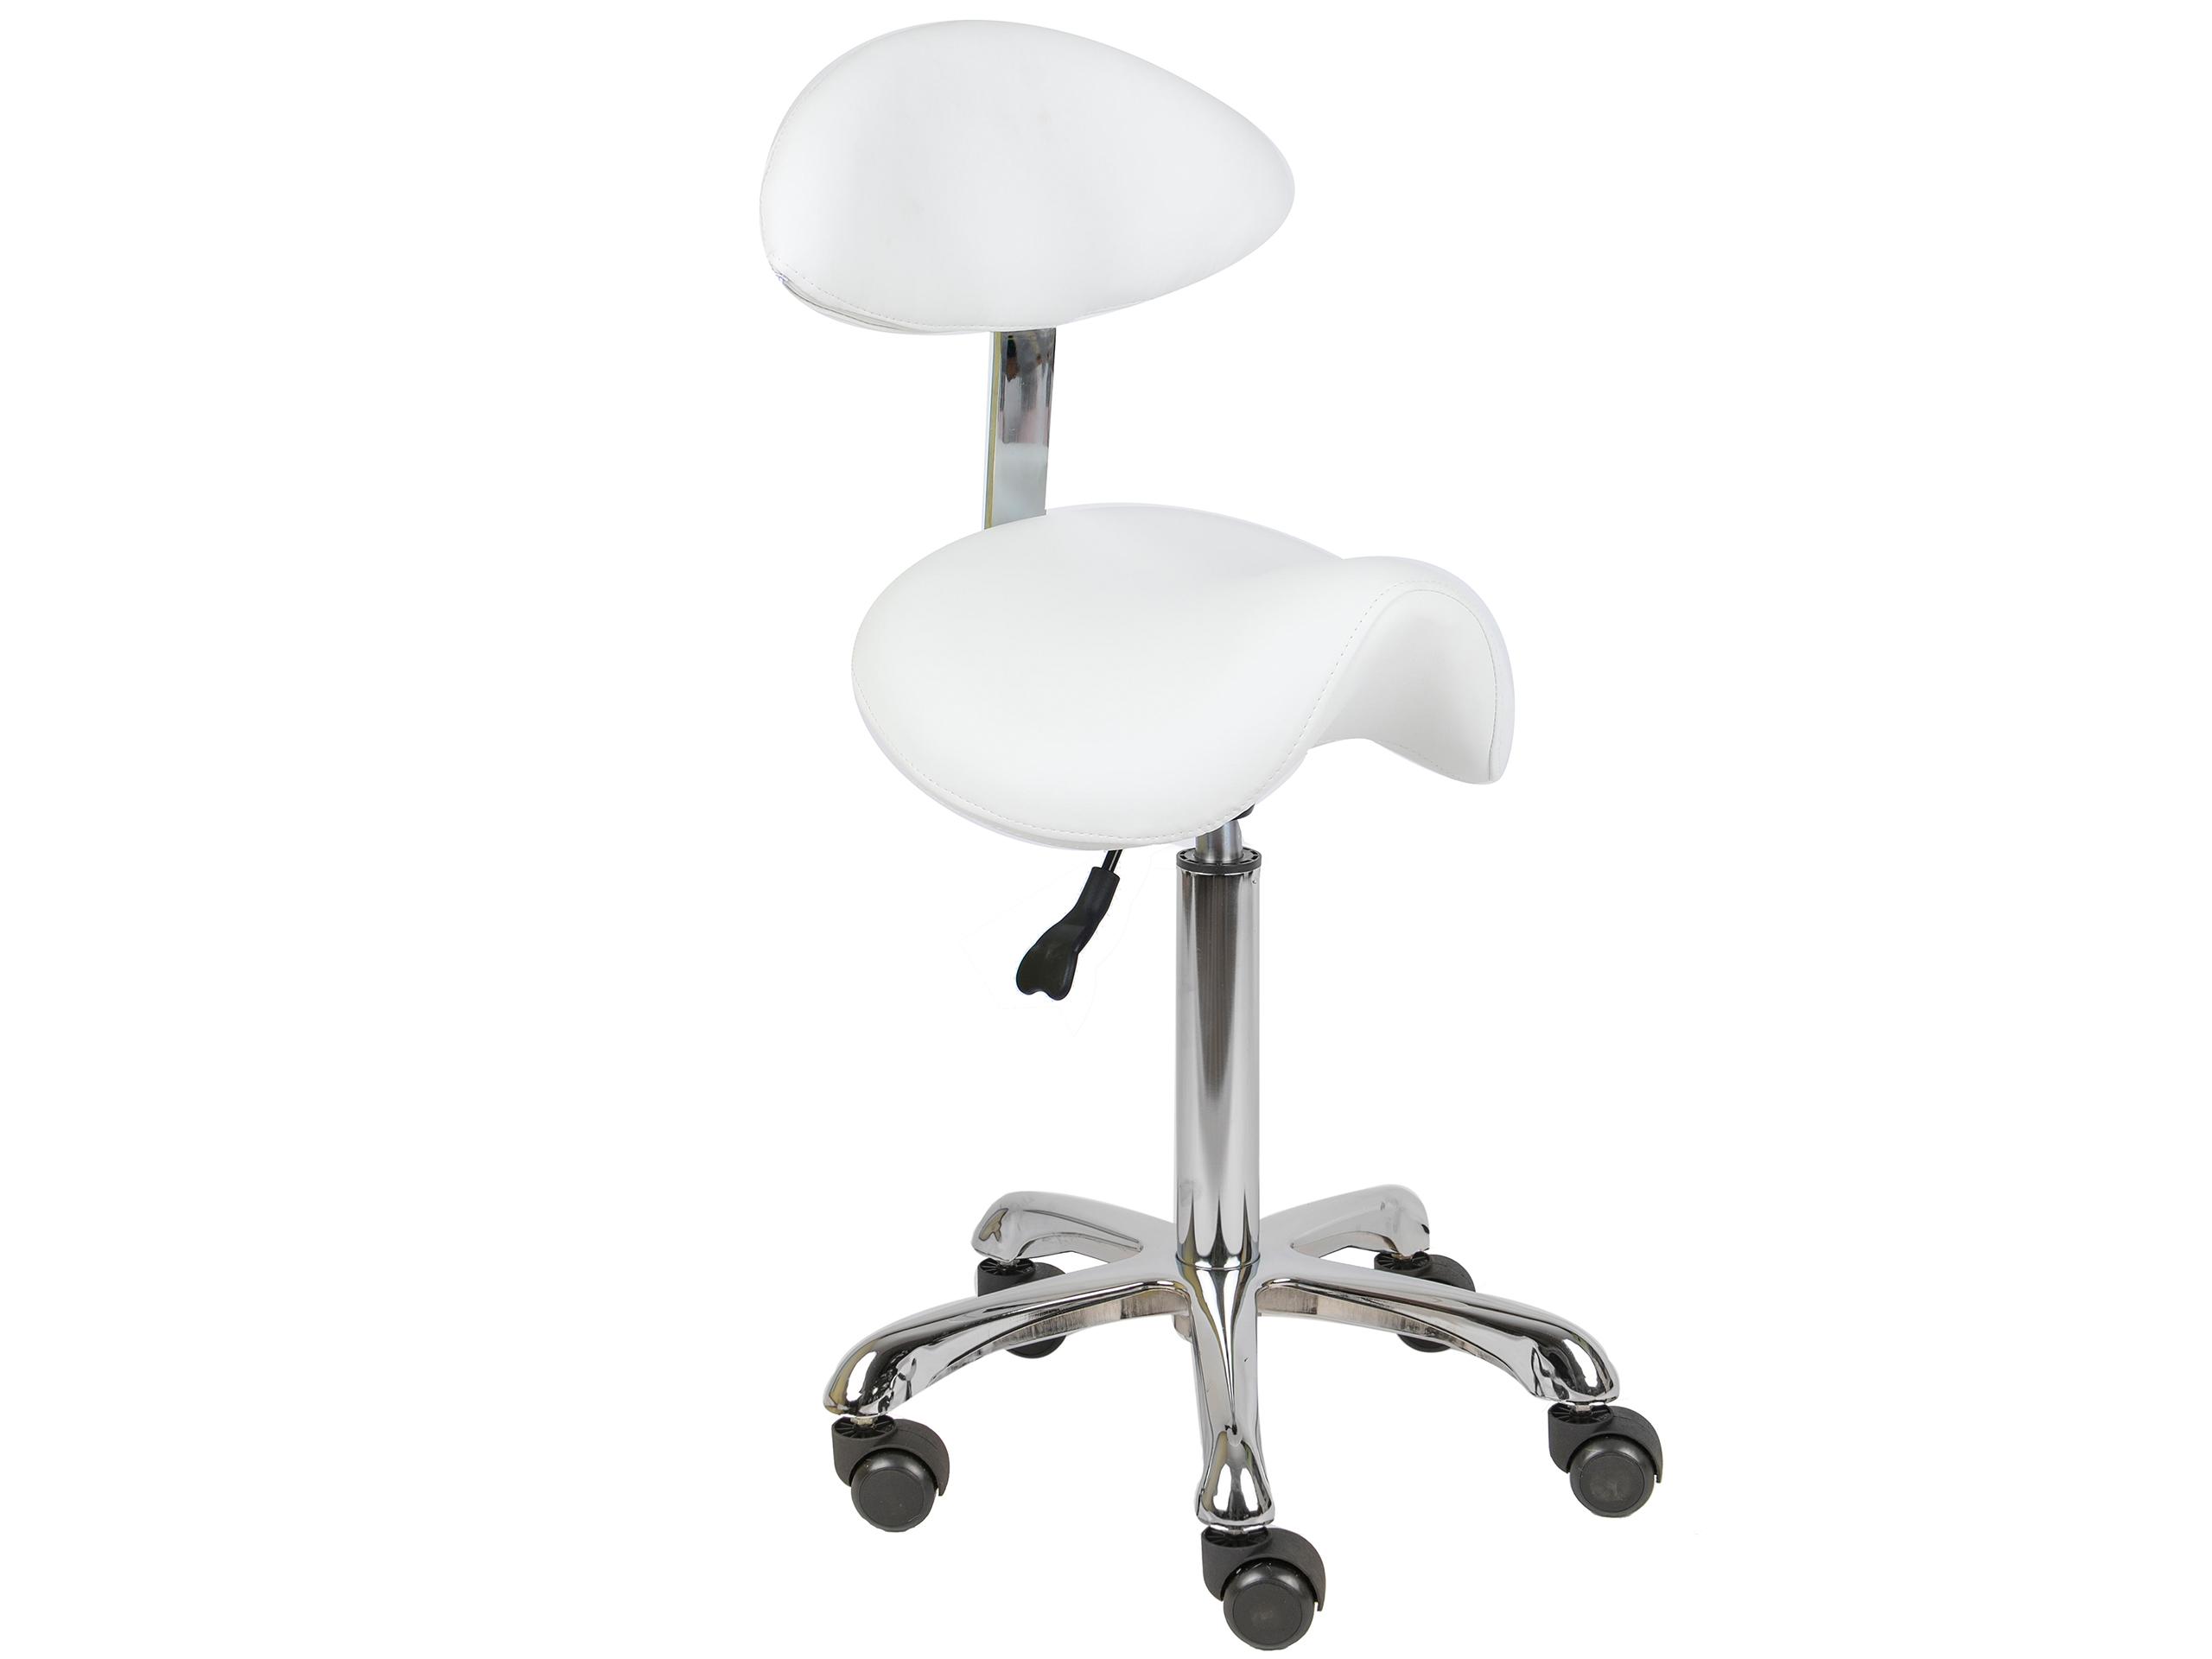 Krzeslo Siodlowe Kosmetyczne Relaxy Z Oparciem Fv 6259099110